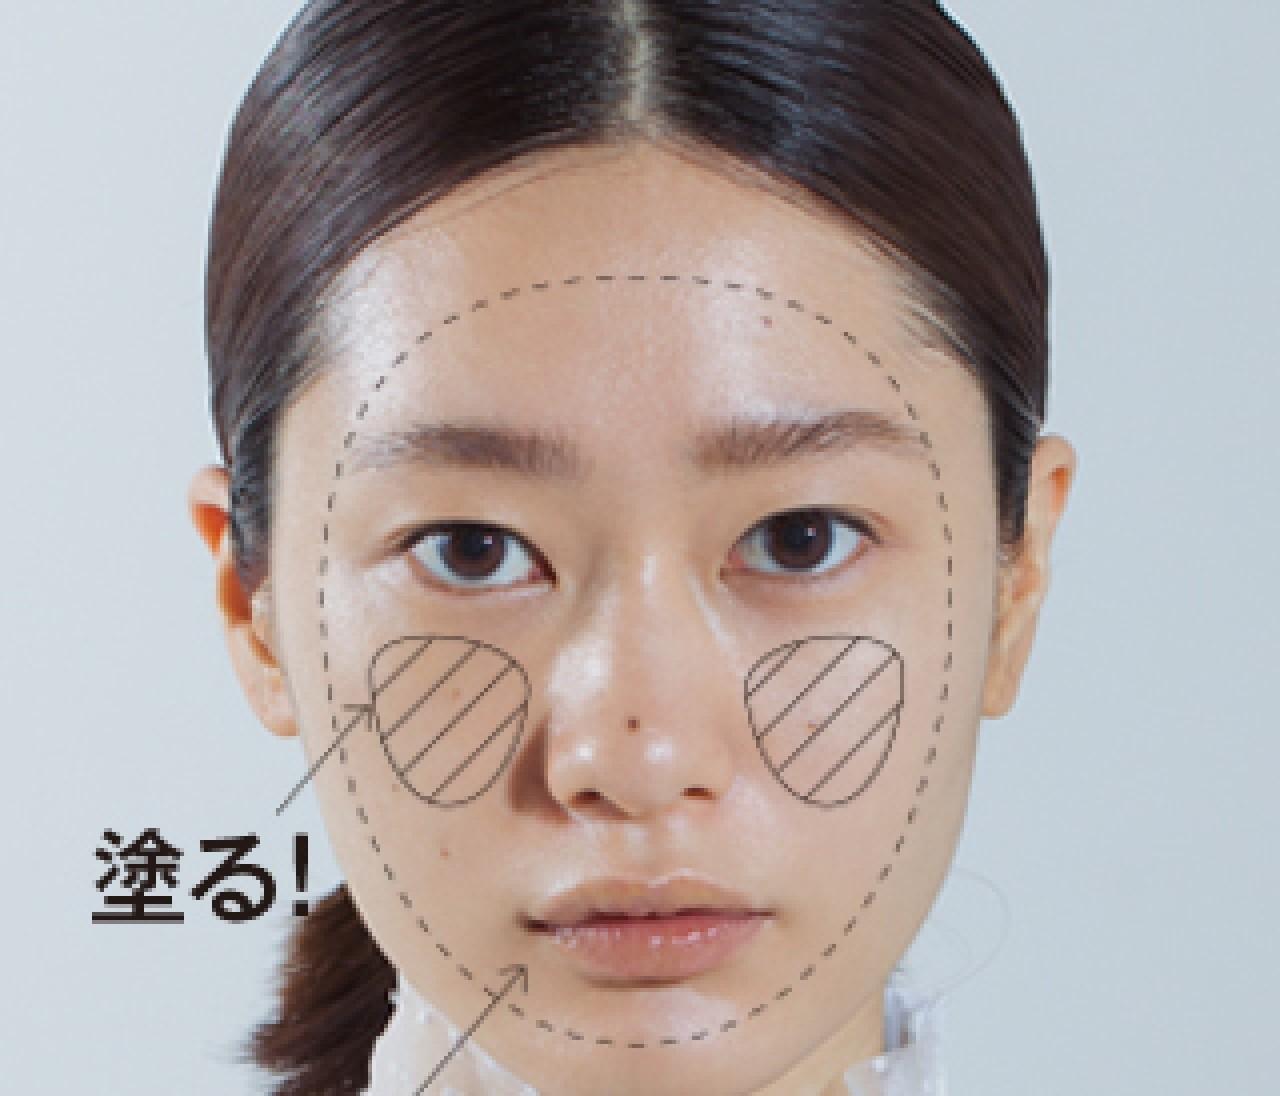 ファンデーションは【肌の中央のみに塗る】がおしゃれな肌をつくる鉄則!?